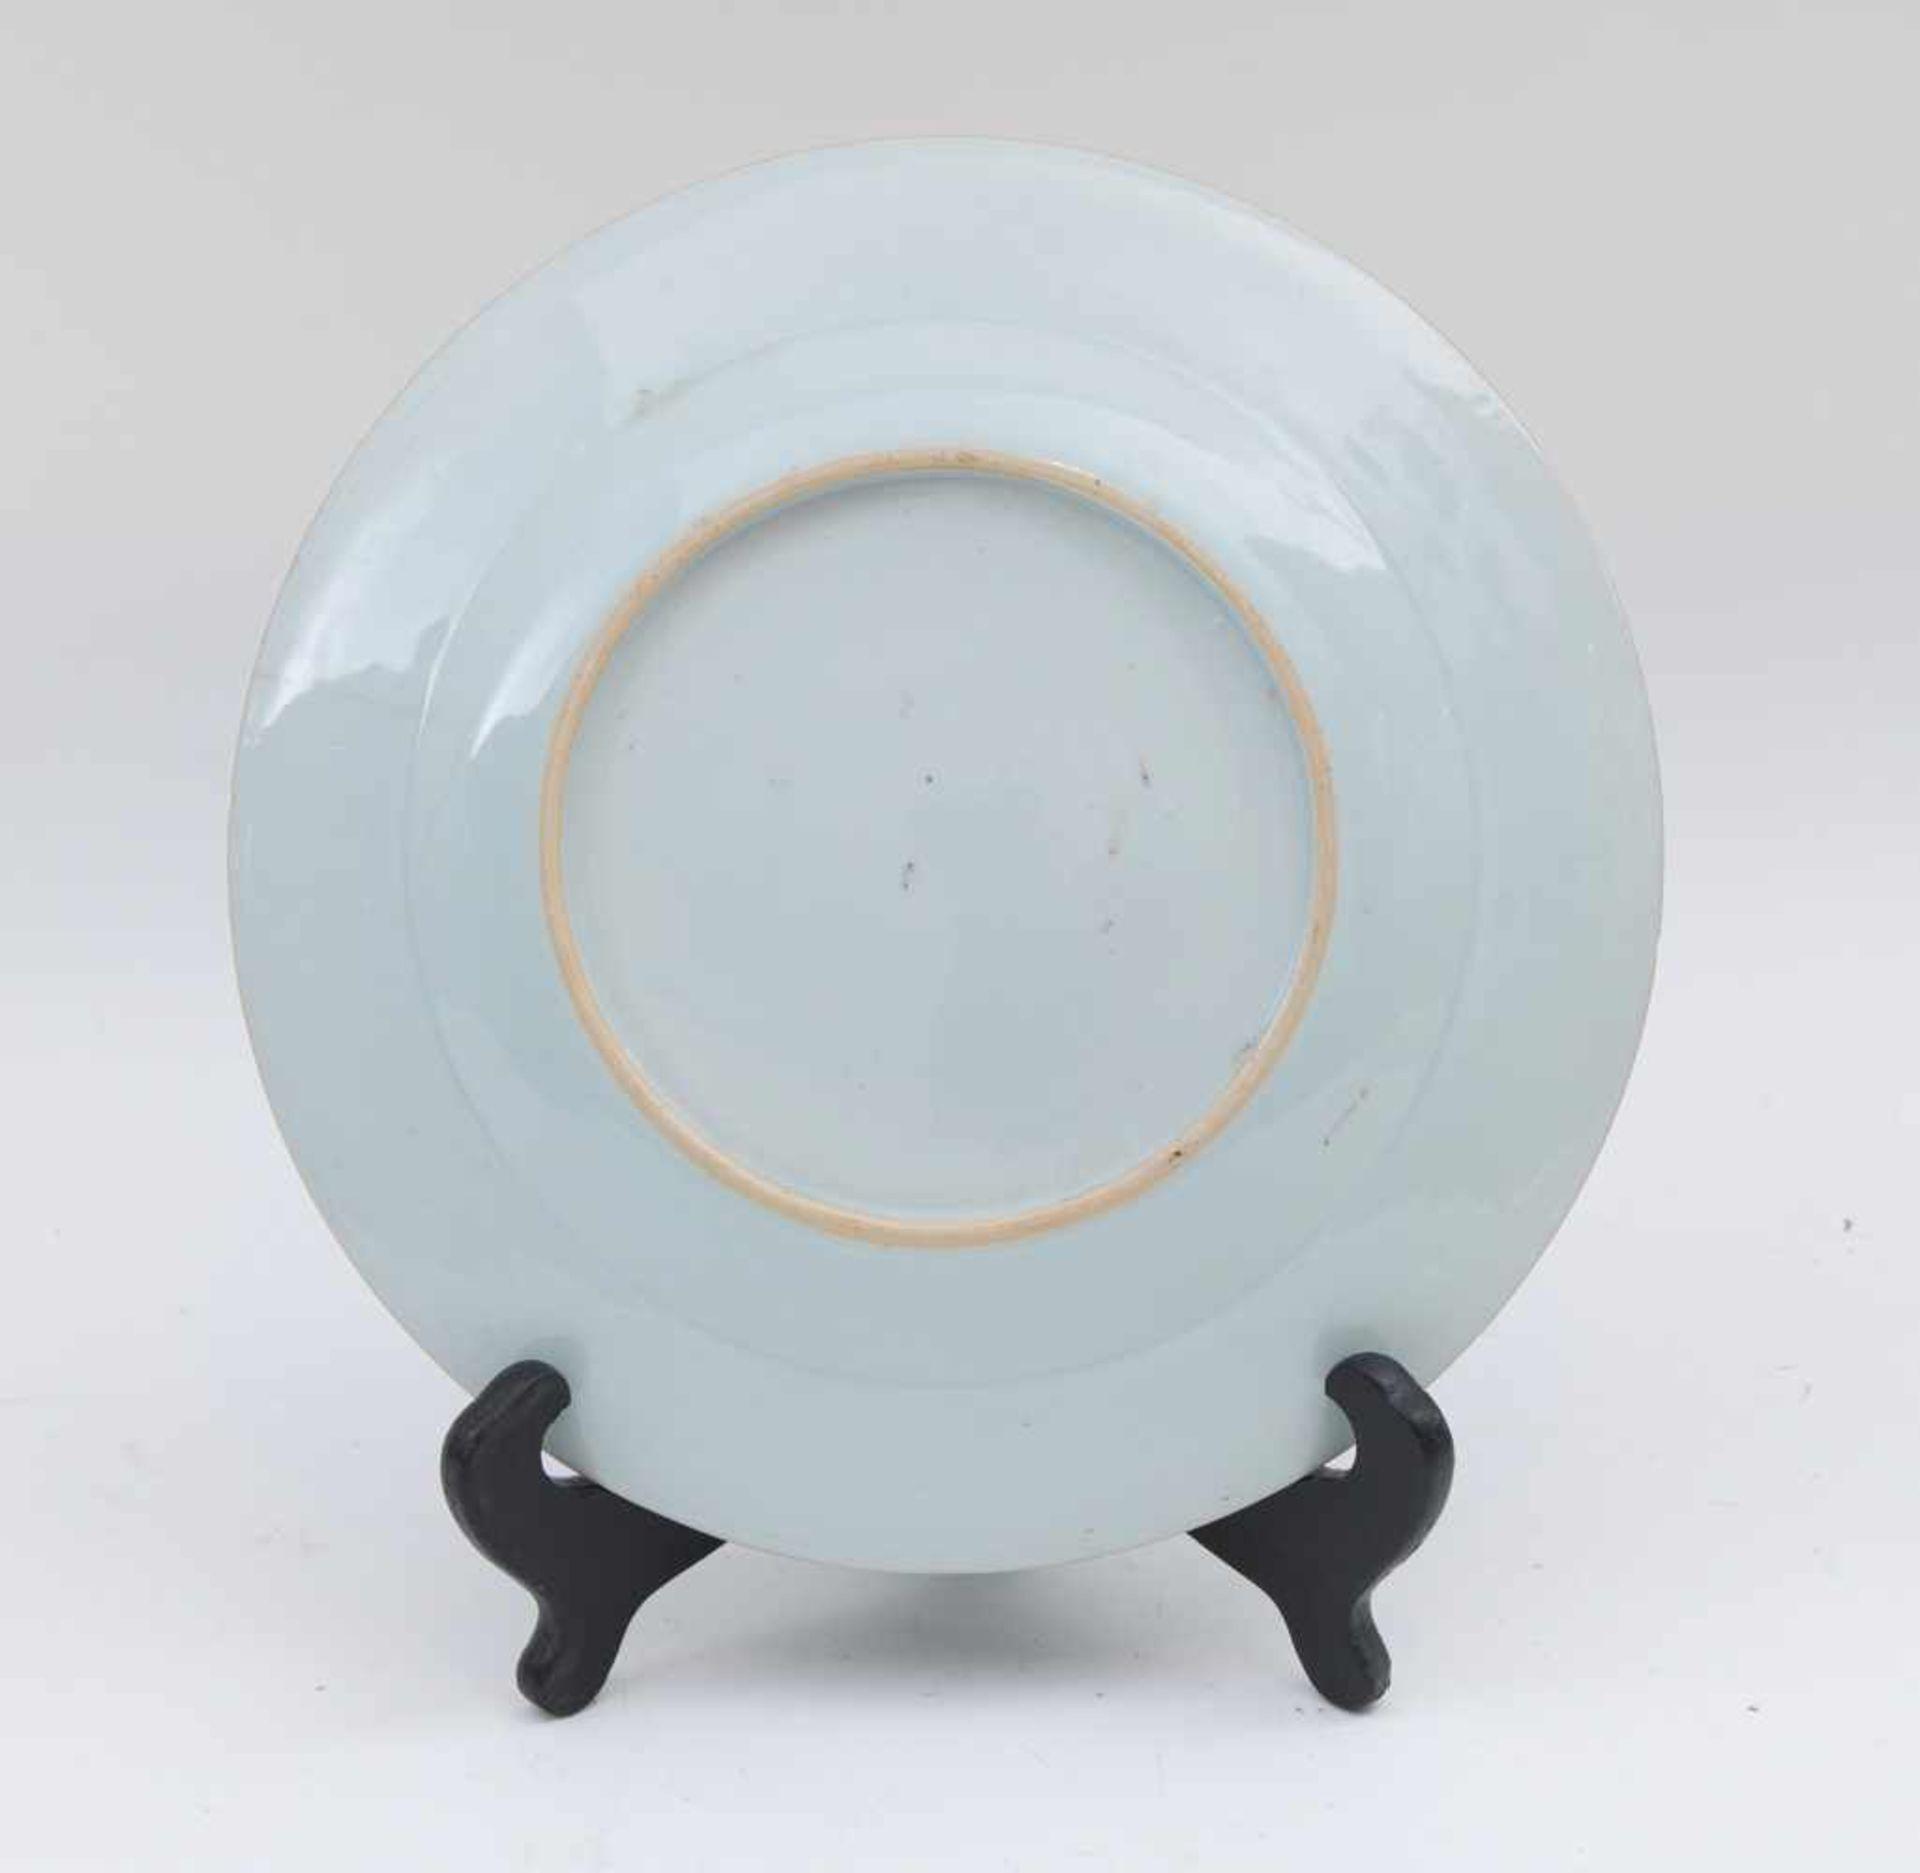 Los 35 - PORZELLANTELLER LOTUS, China, 20.Jahrhundert. Teller aus chinesischem Porzellan, unterglasurblau